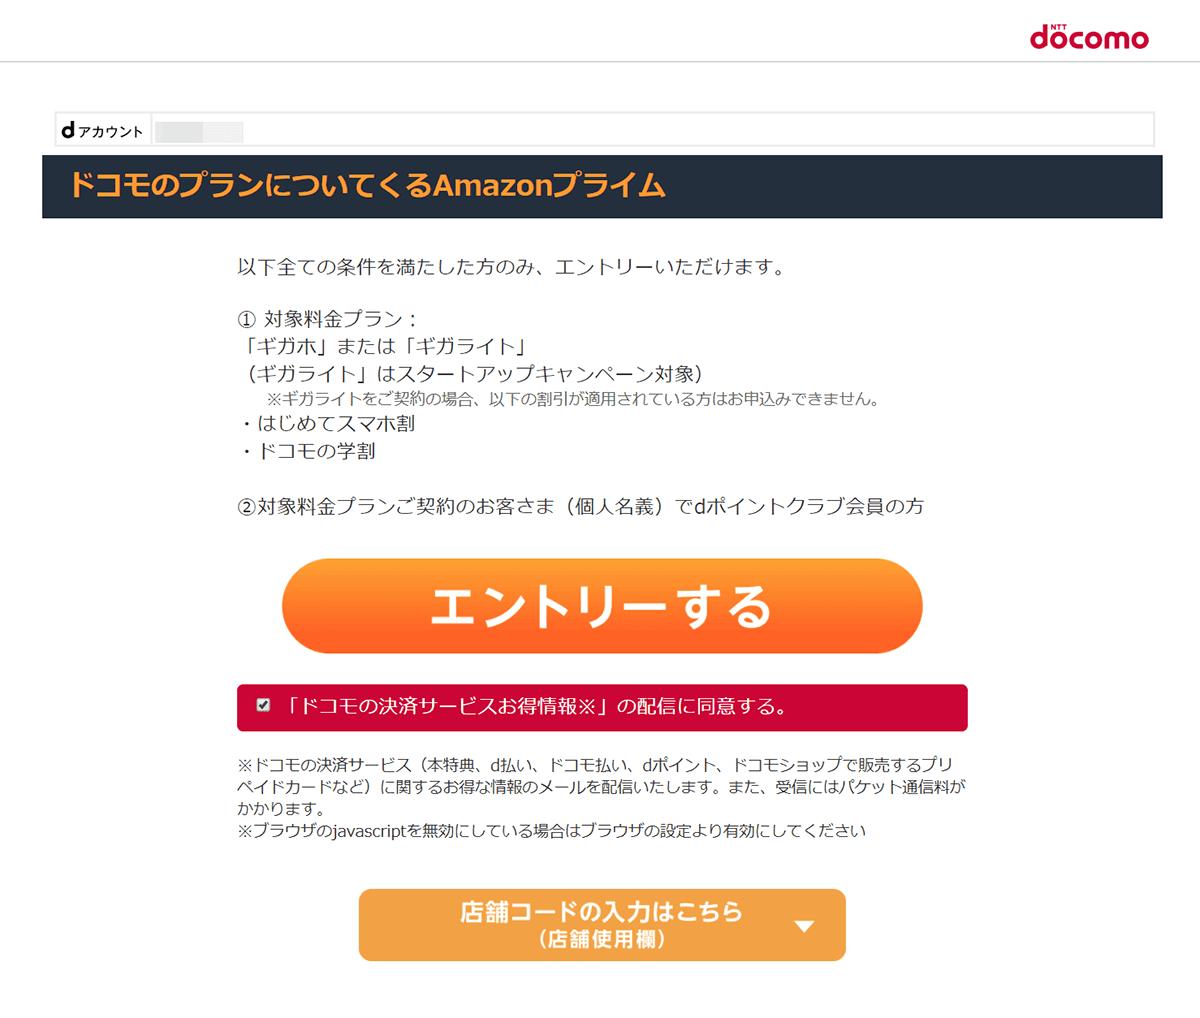 ドコモ アマゾン プライム